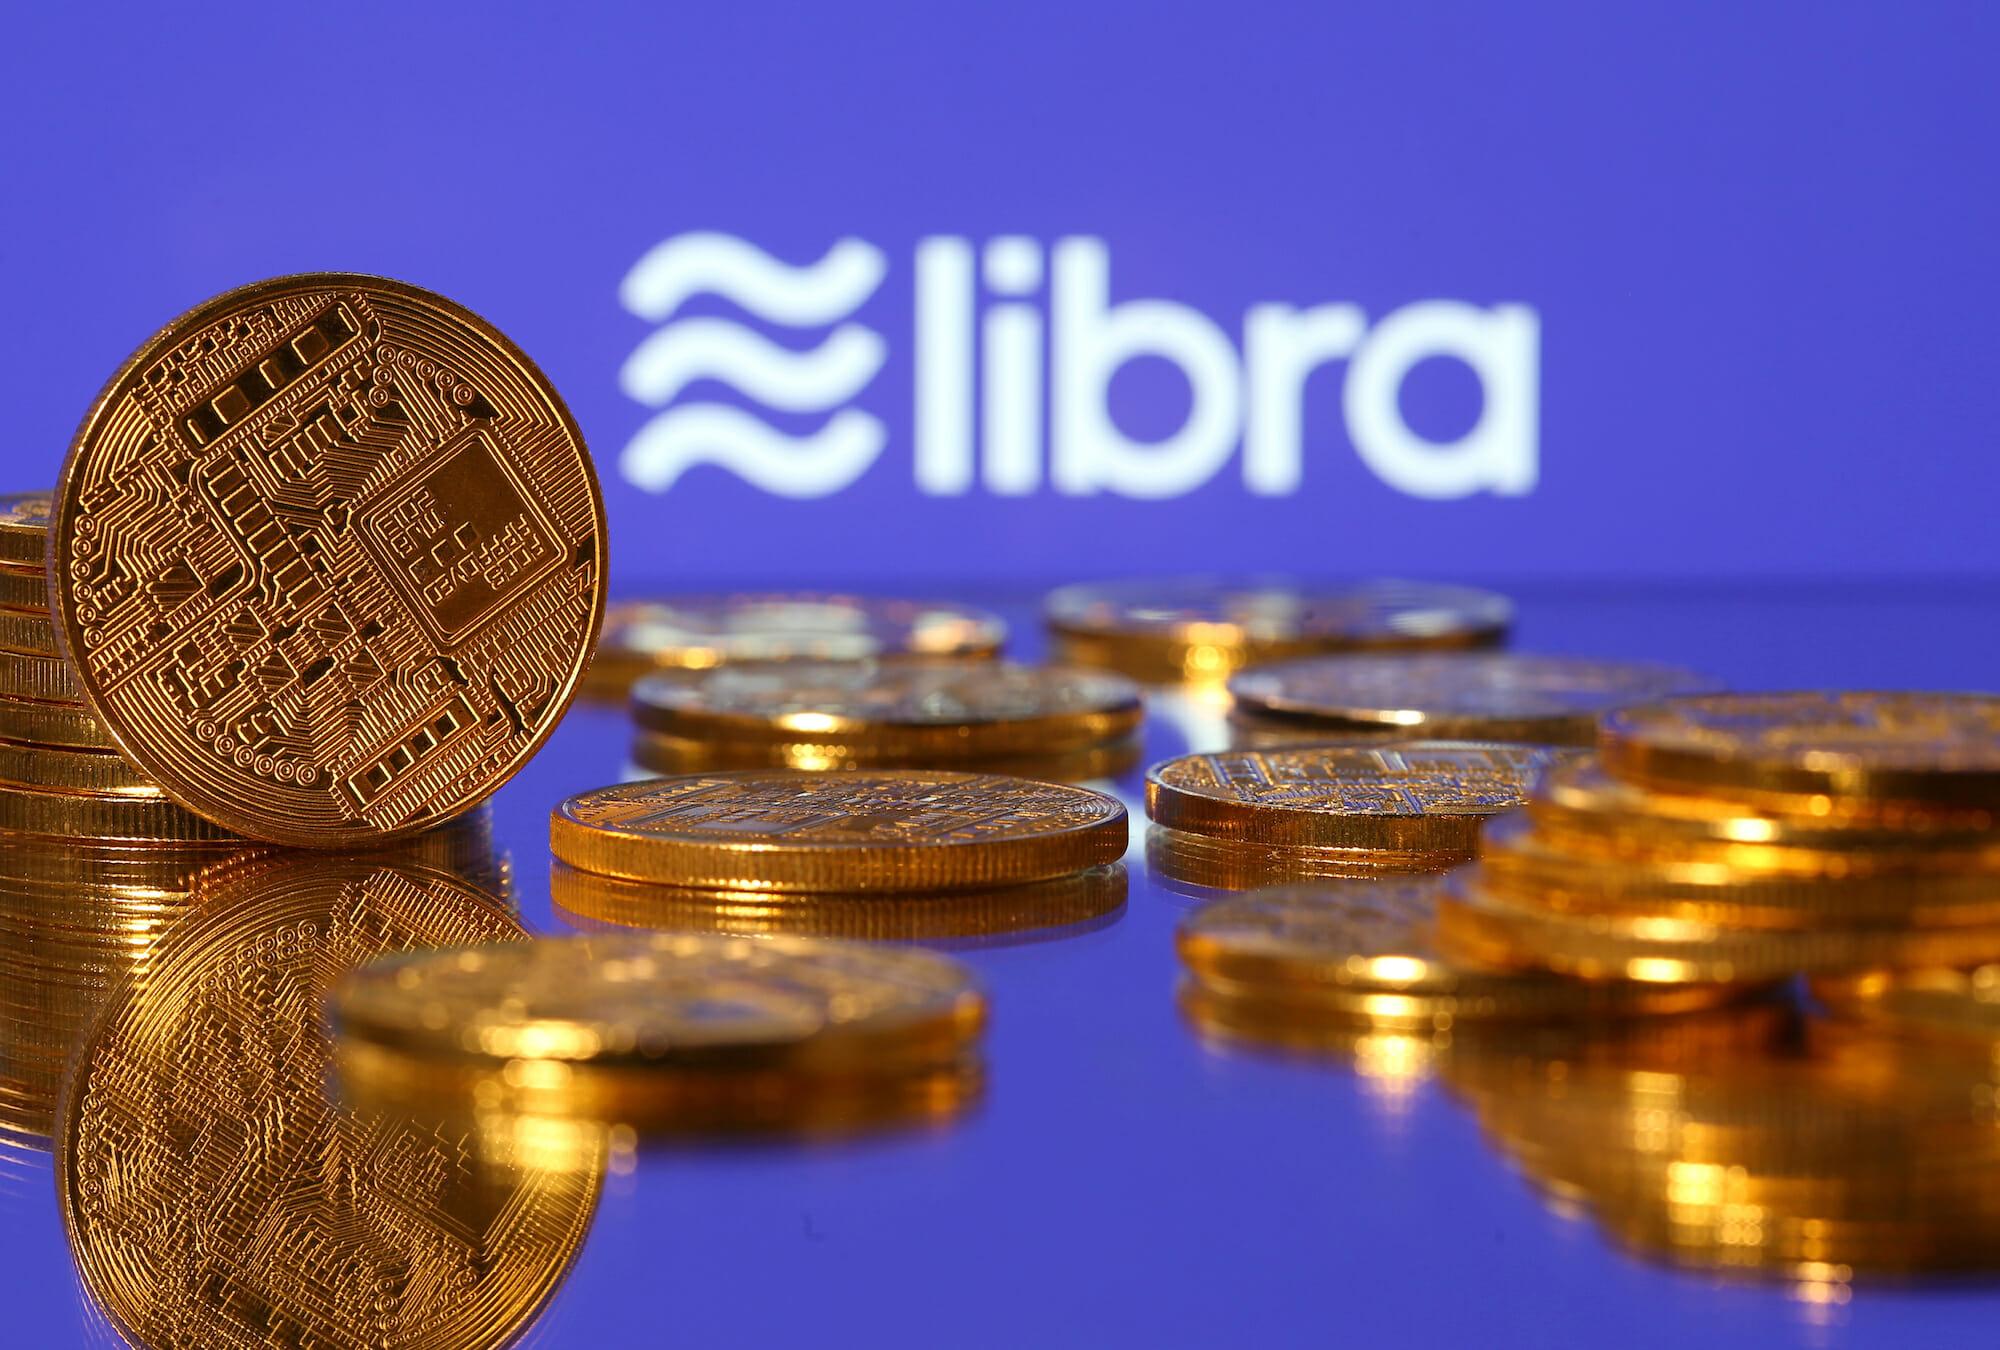 Con las constantes dudas por parte de gobiernos y reguladores, un rediseño del proyecto Libra hacia una red de pagos multimonedas es factible, explica un informe